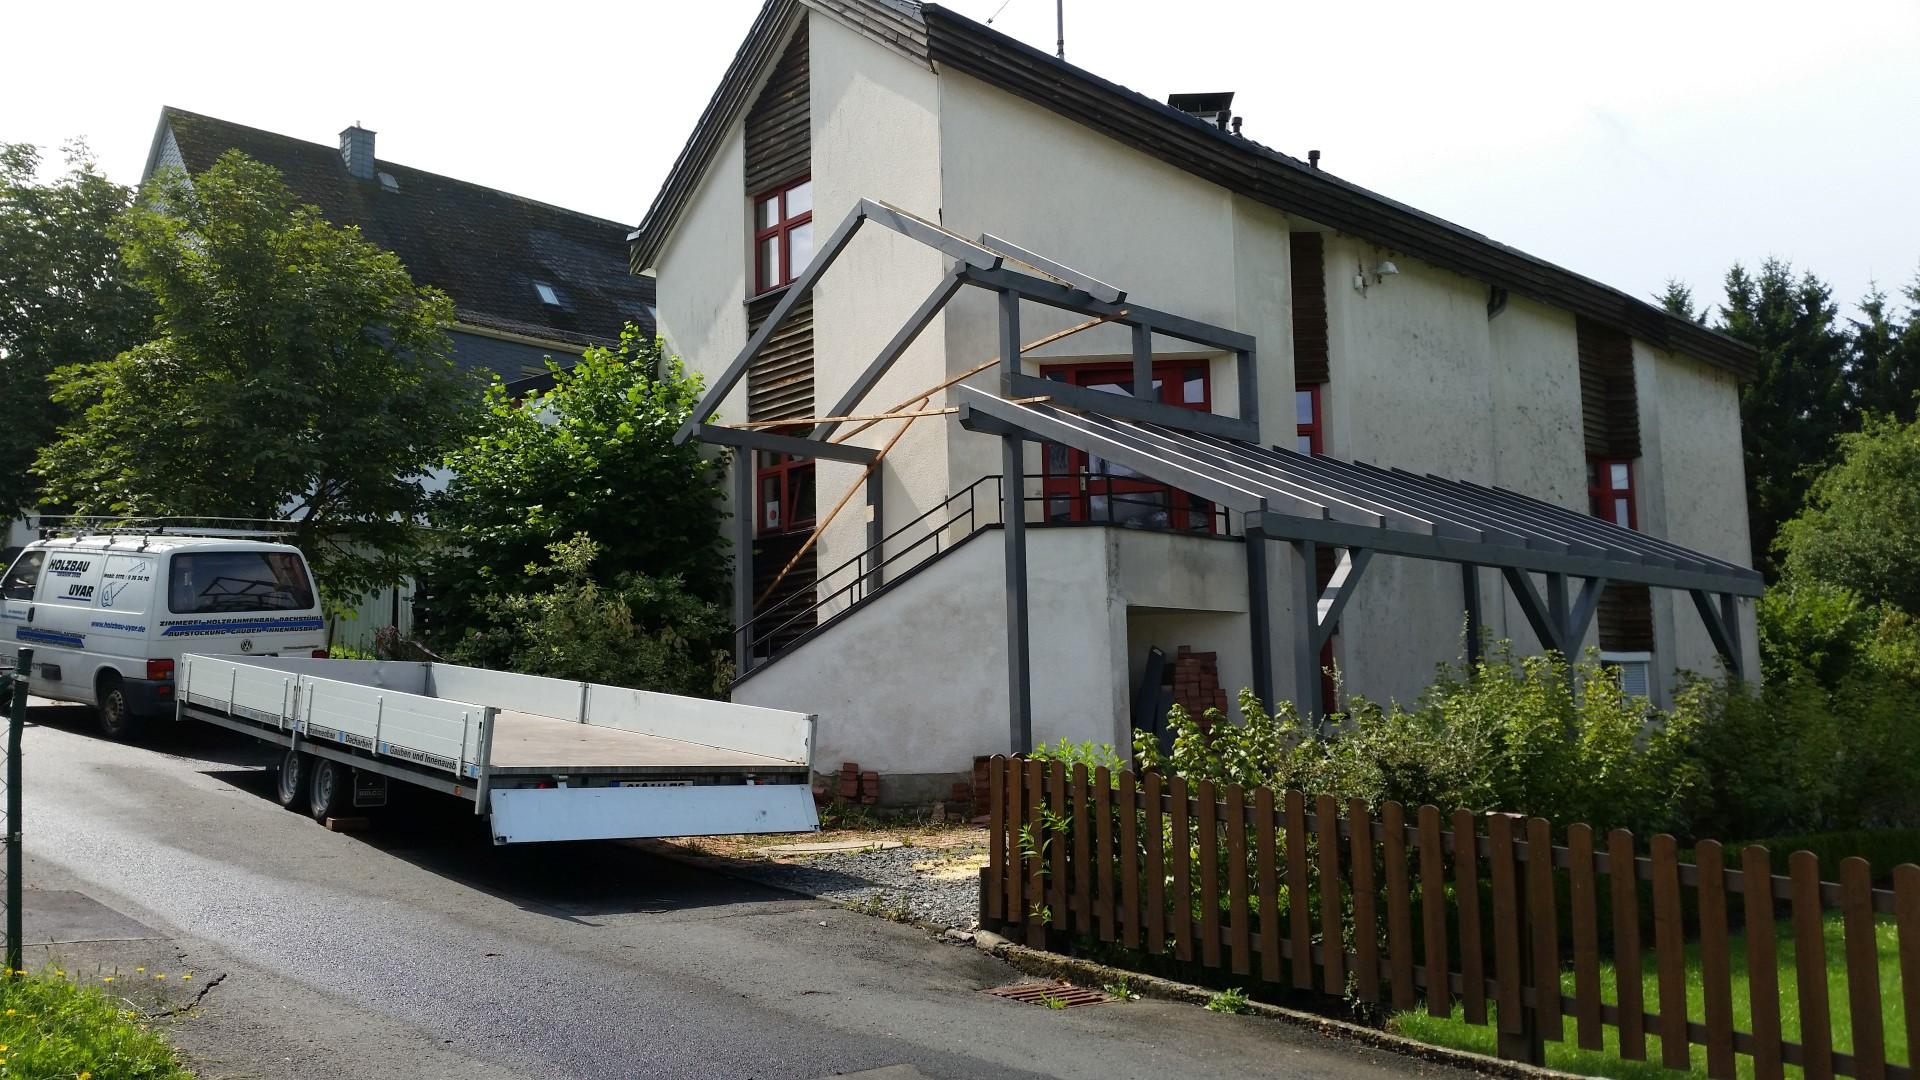 Vordach-mit-Carport-1-3